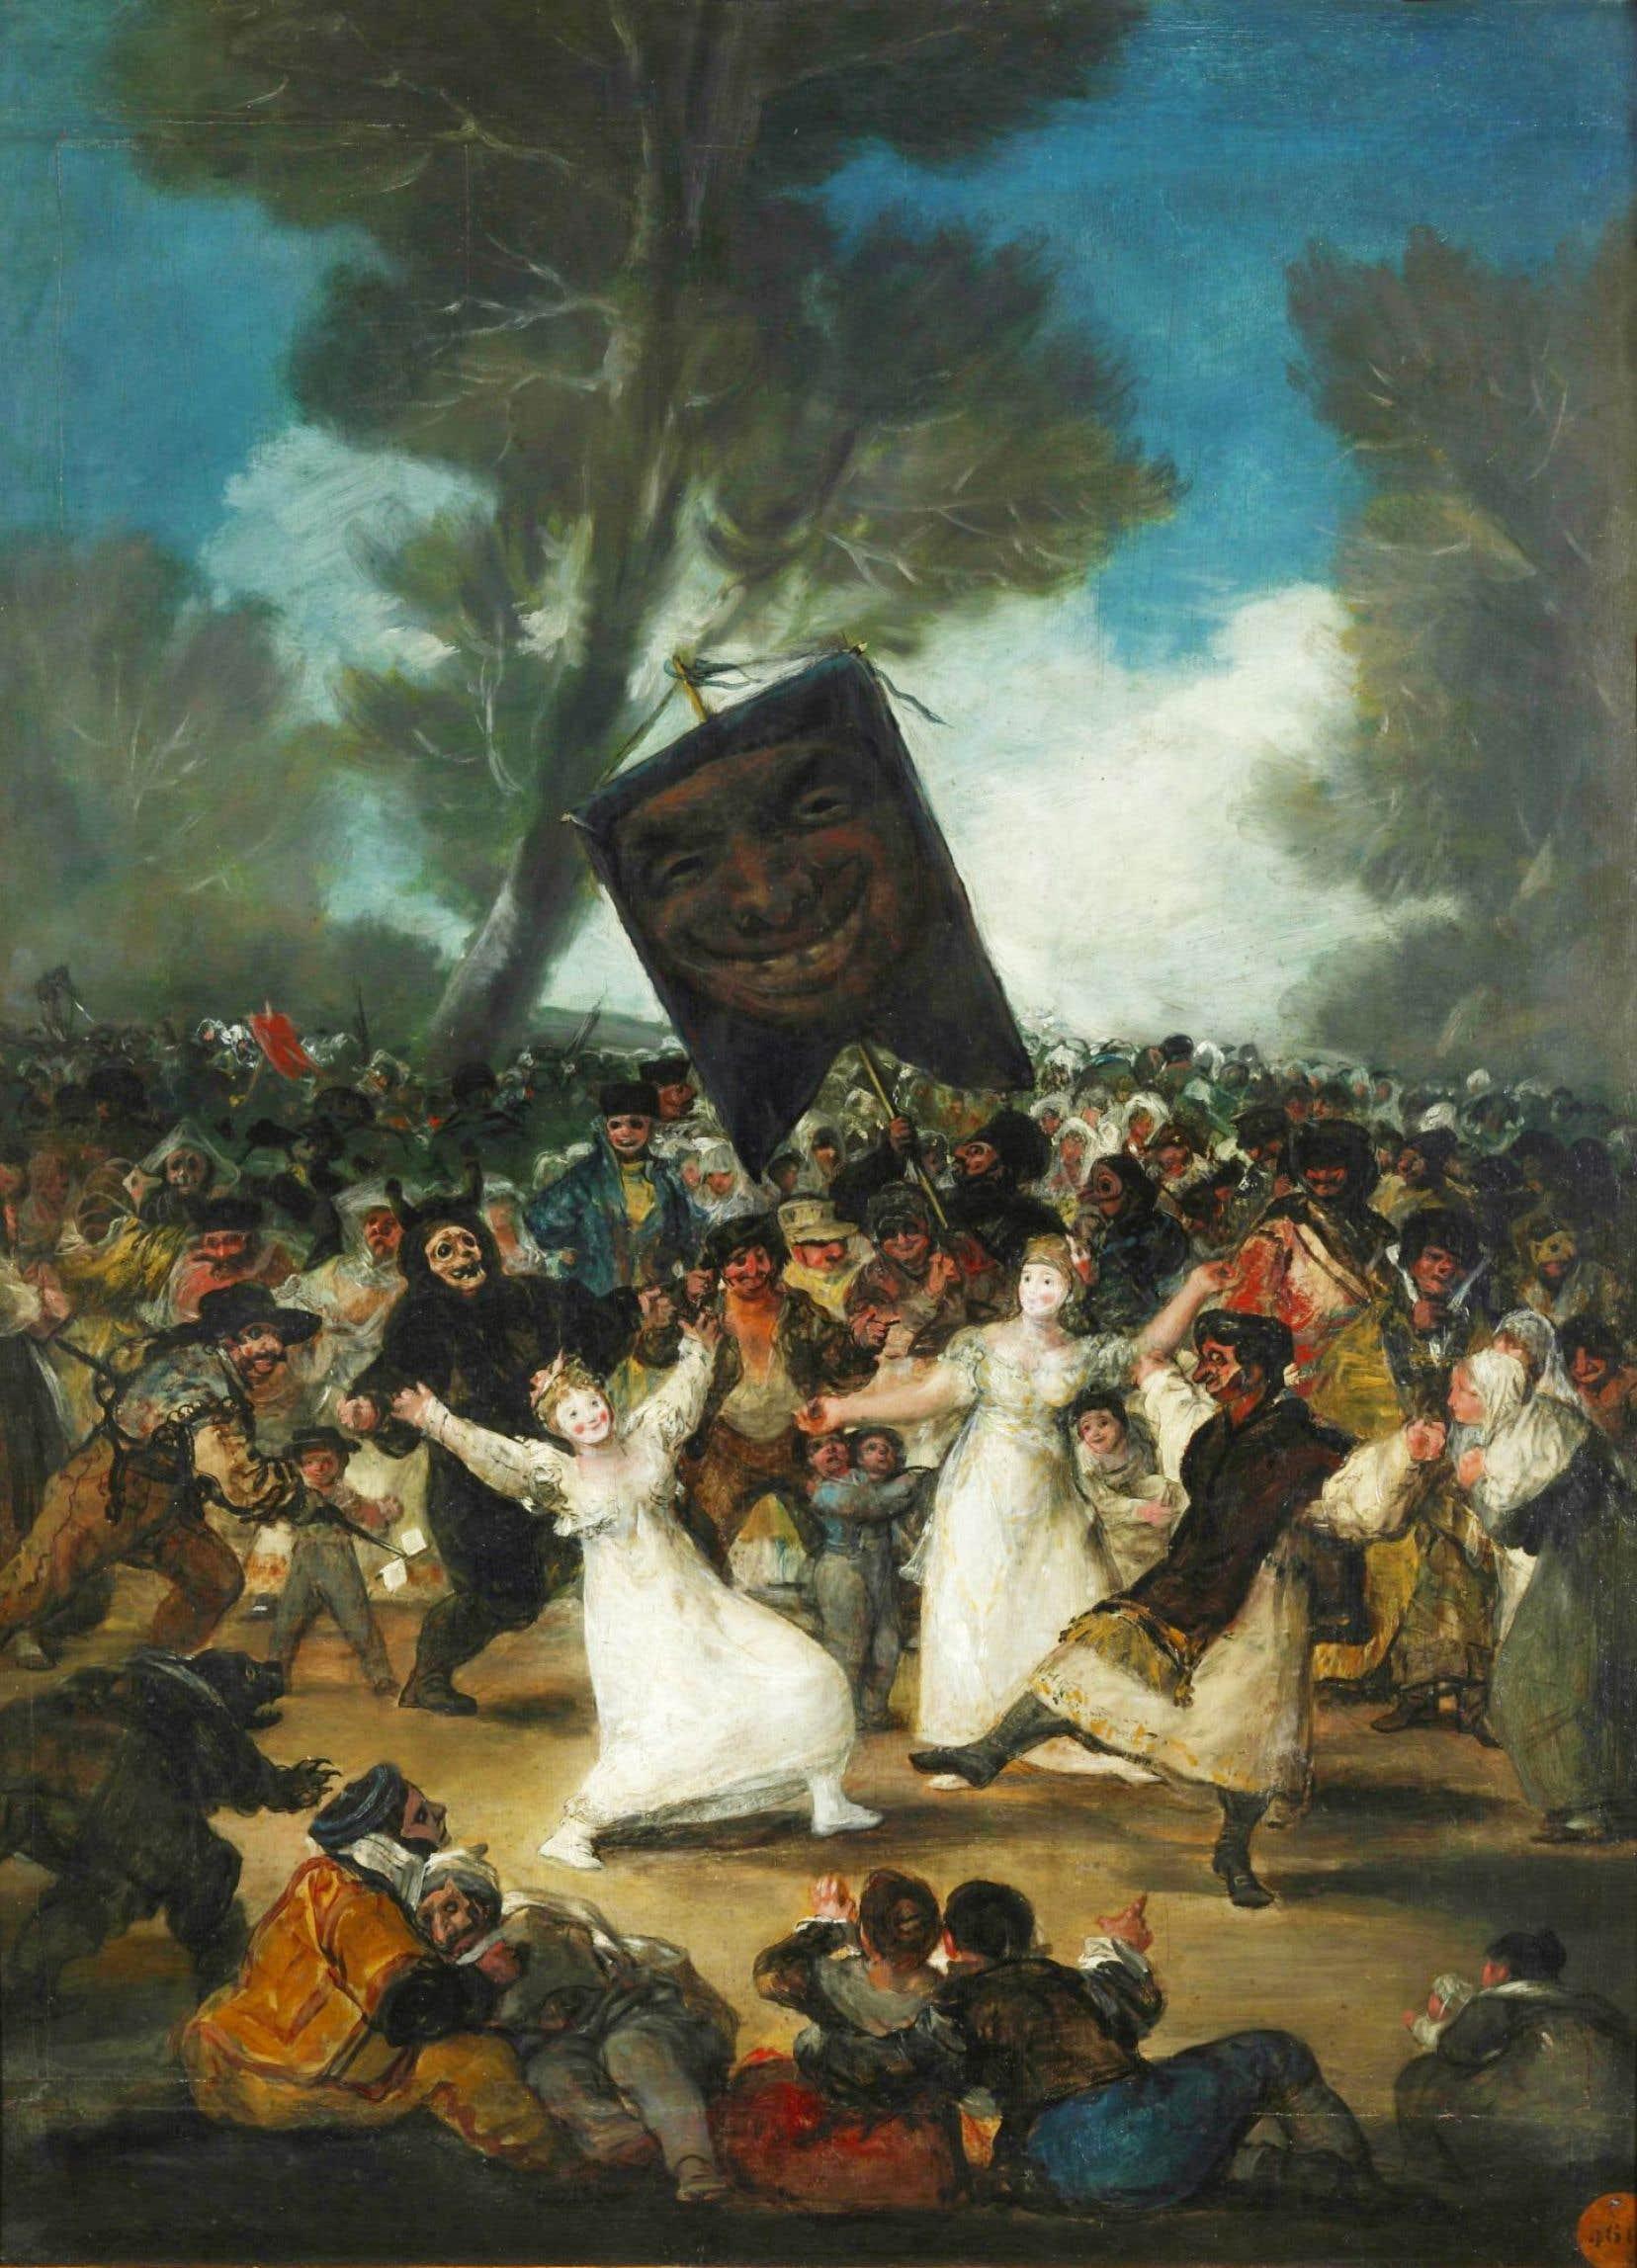 «L'enterrement de la sardine», œuvre de Francisco de Goya, est exposée à l'Académie royale des beaux-arts de San Fernando de Madrid.